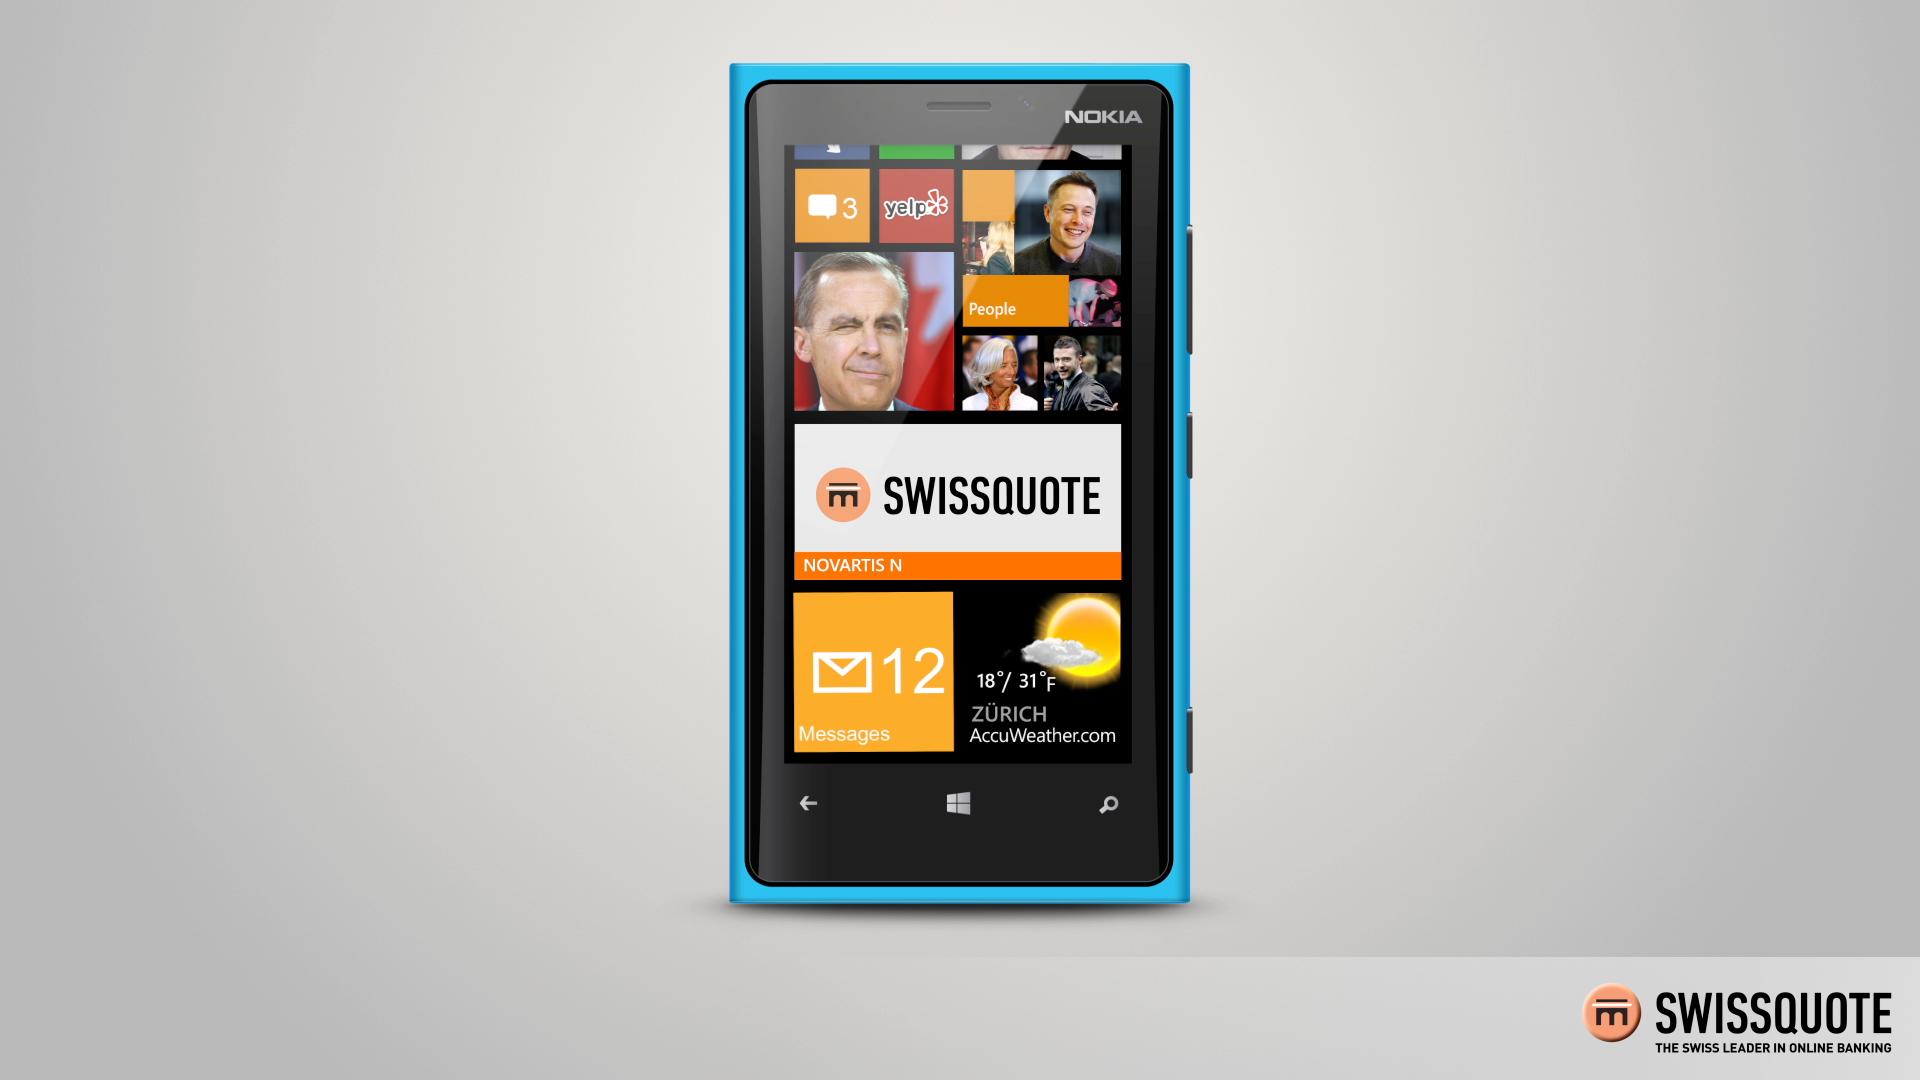 swissquote-corporate-2.jpg